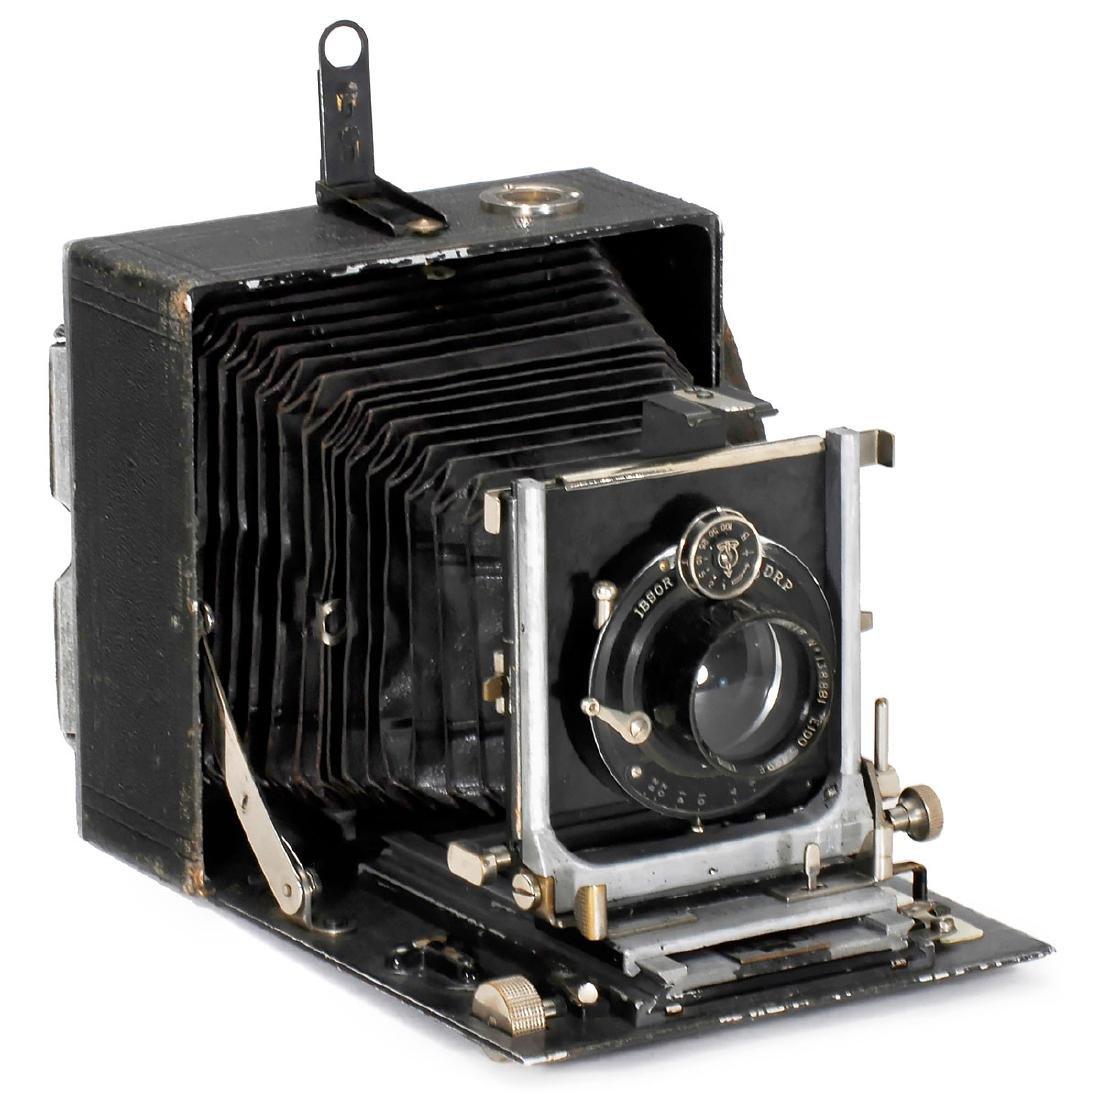 Linhof-Präzisions-Camera 9 x 12, c. 1915